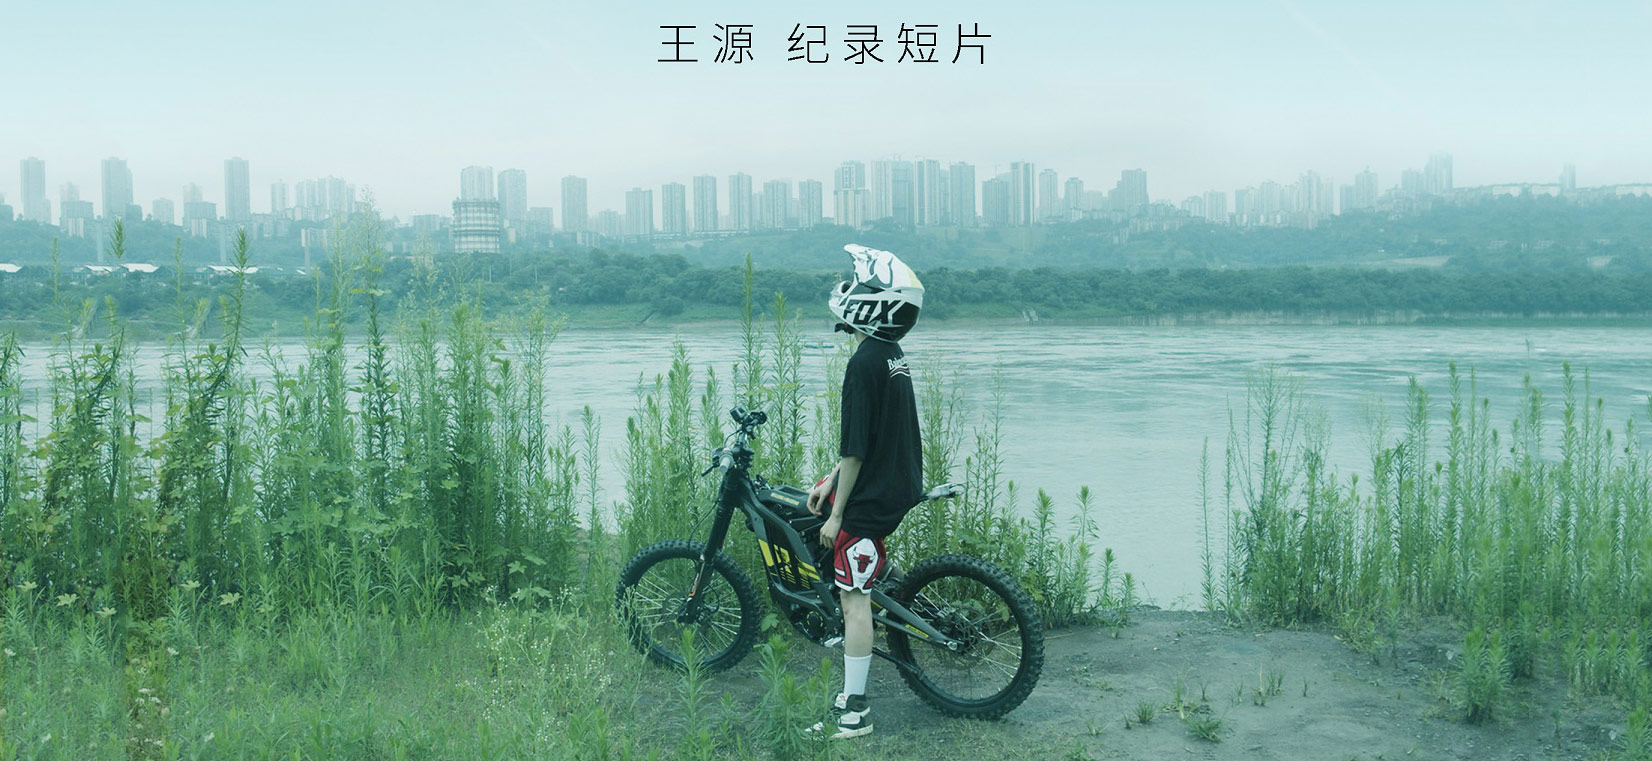 王源个人纪录短片海报曝光 回到盛夏遥望明天